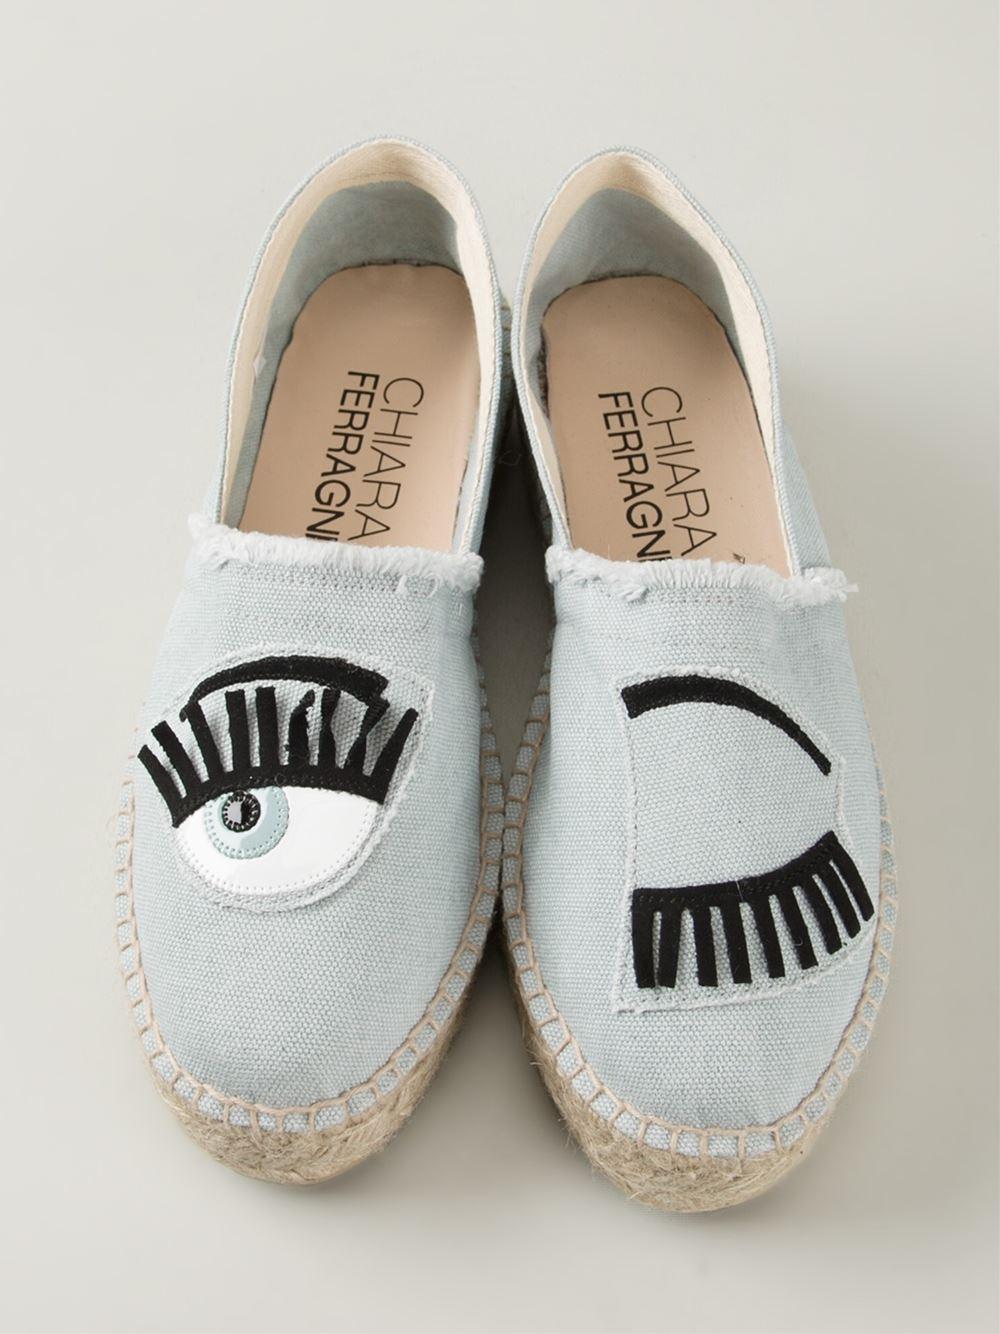 Chiara Ferragni x Converse Sneakers   POPSUGAR Fashion